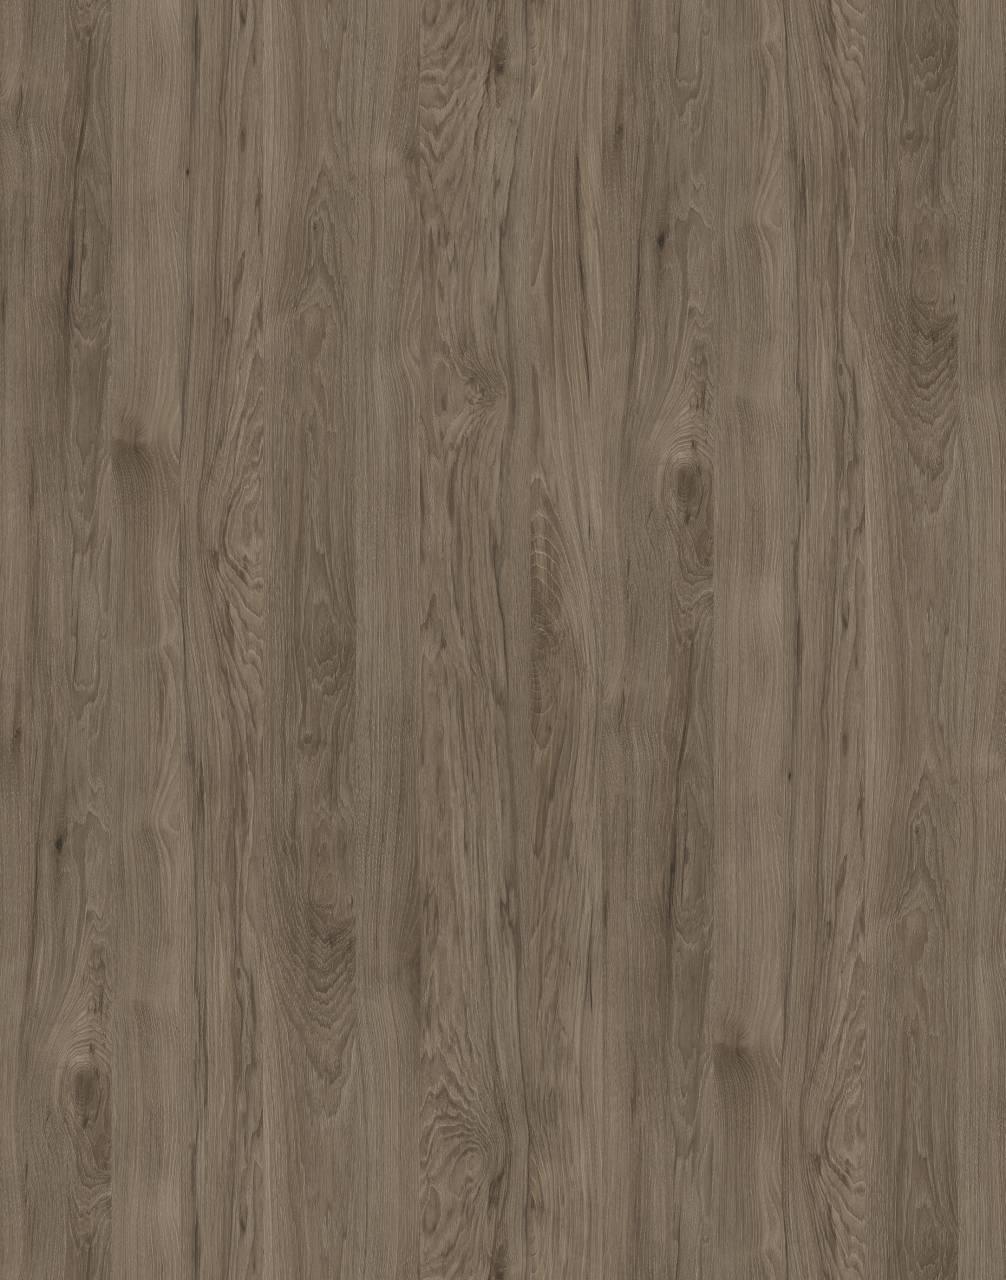 K087 Dark Rockford Hickory (MF PB sample)